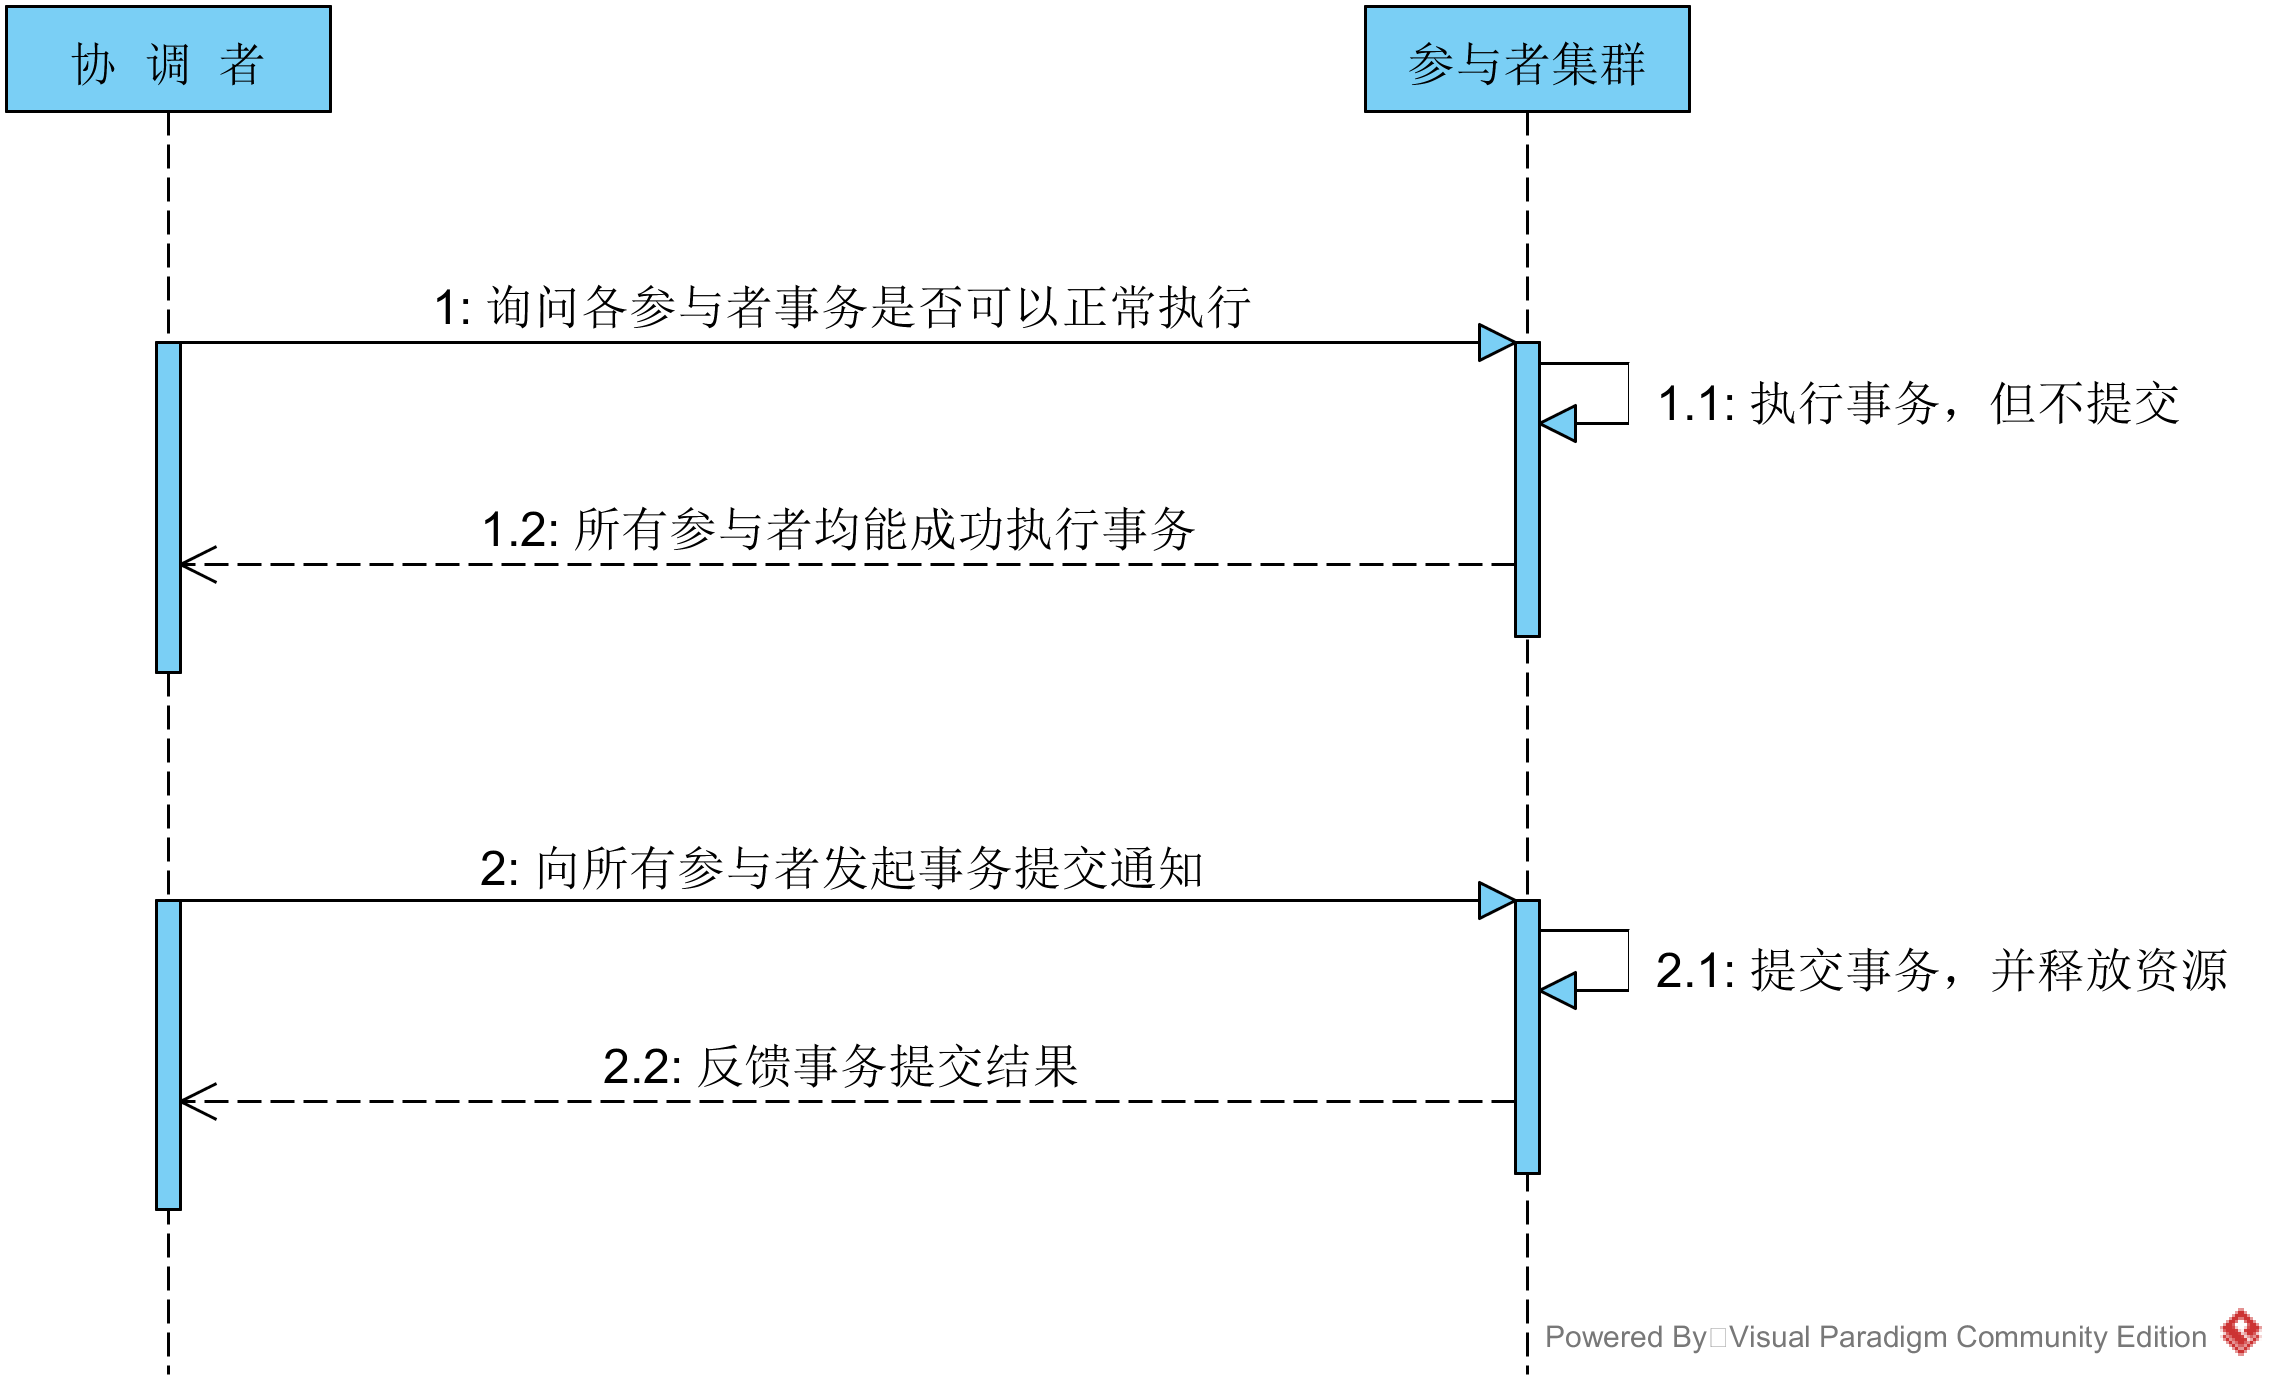 事务提交时序图